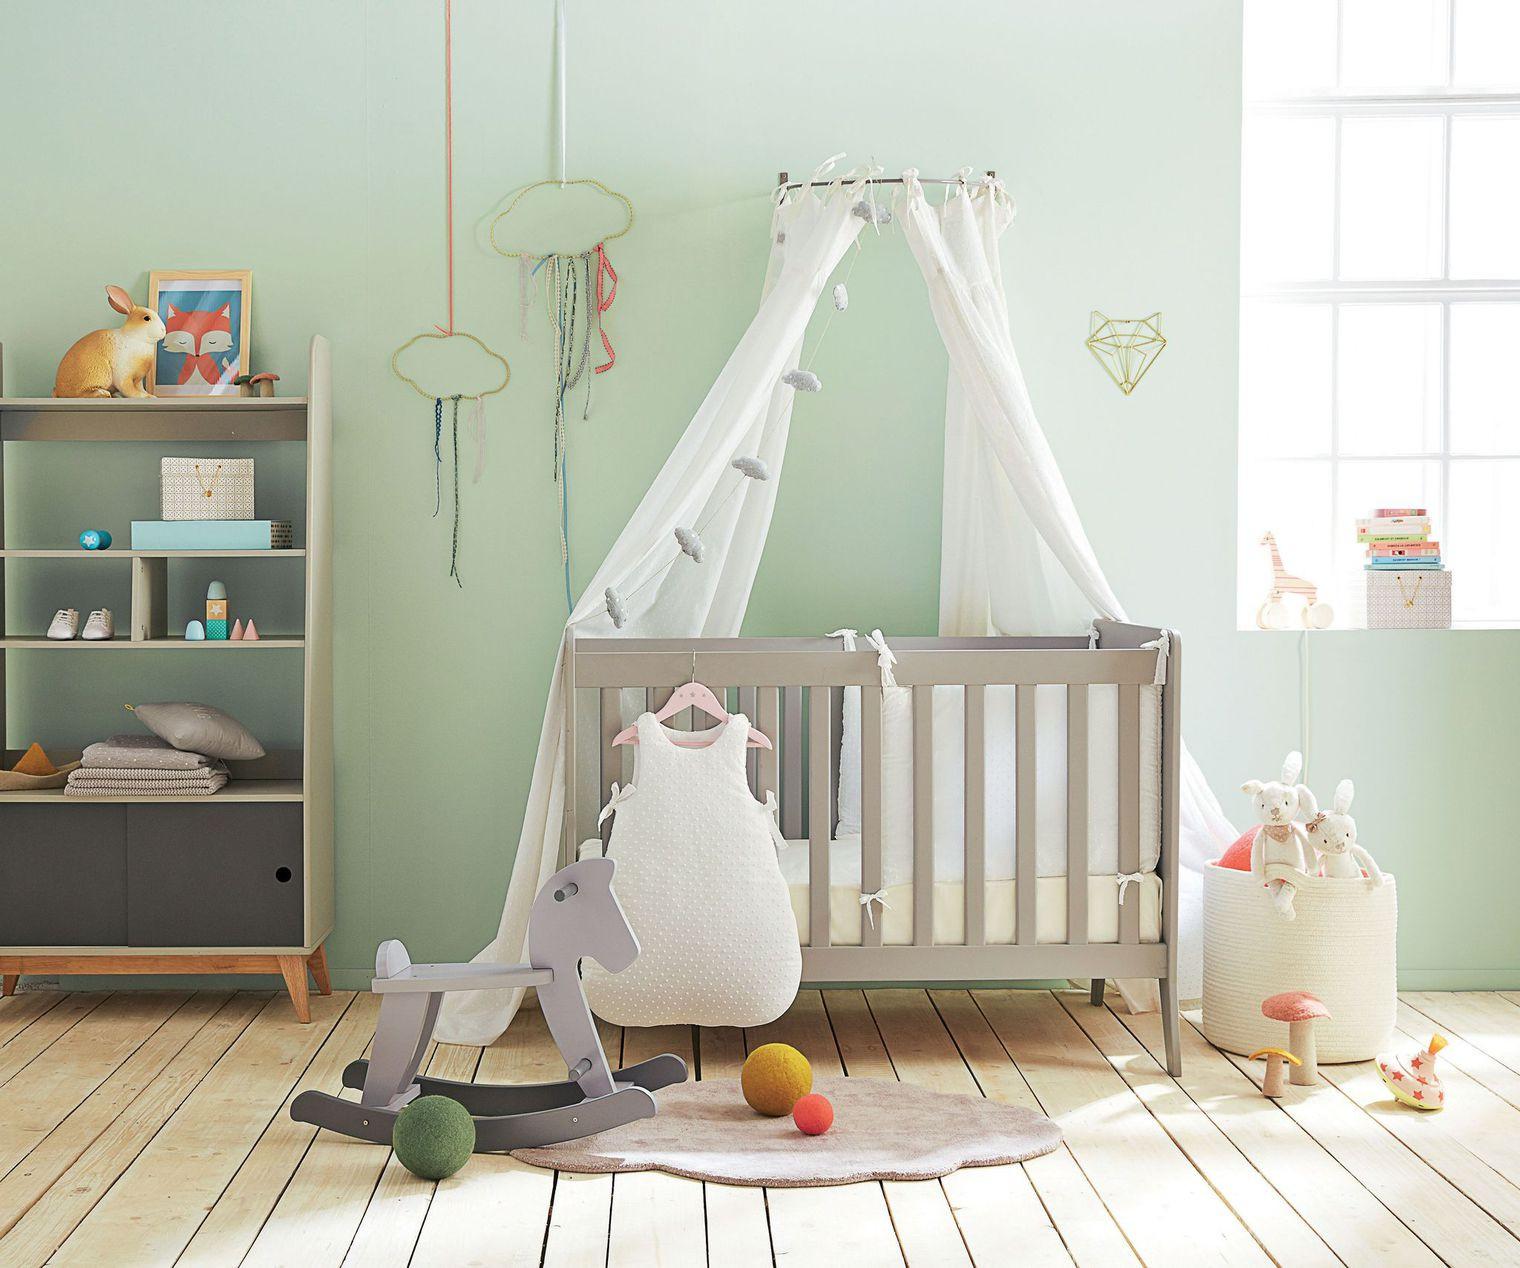 Chambre bébé garçon tendance - Idées de tricot gratuit